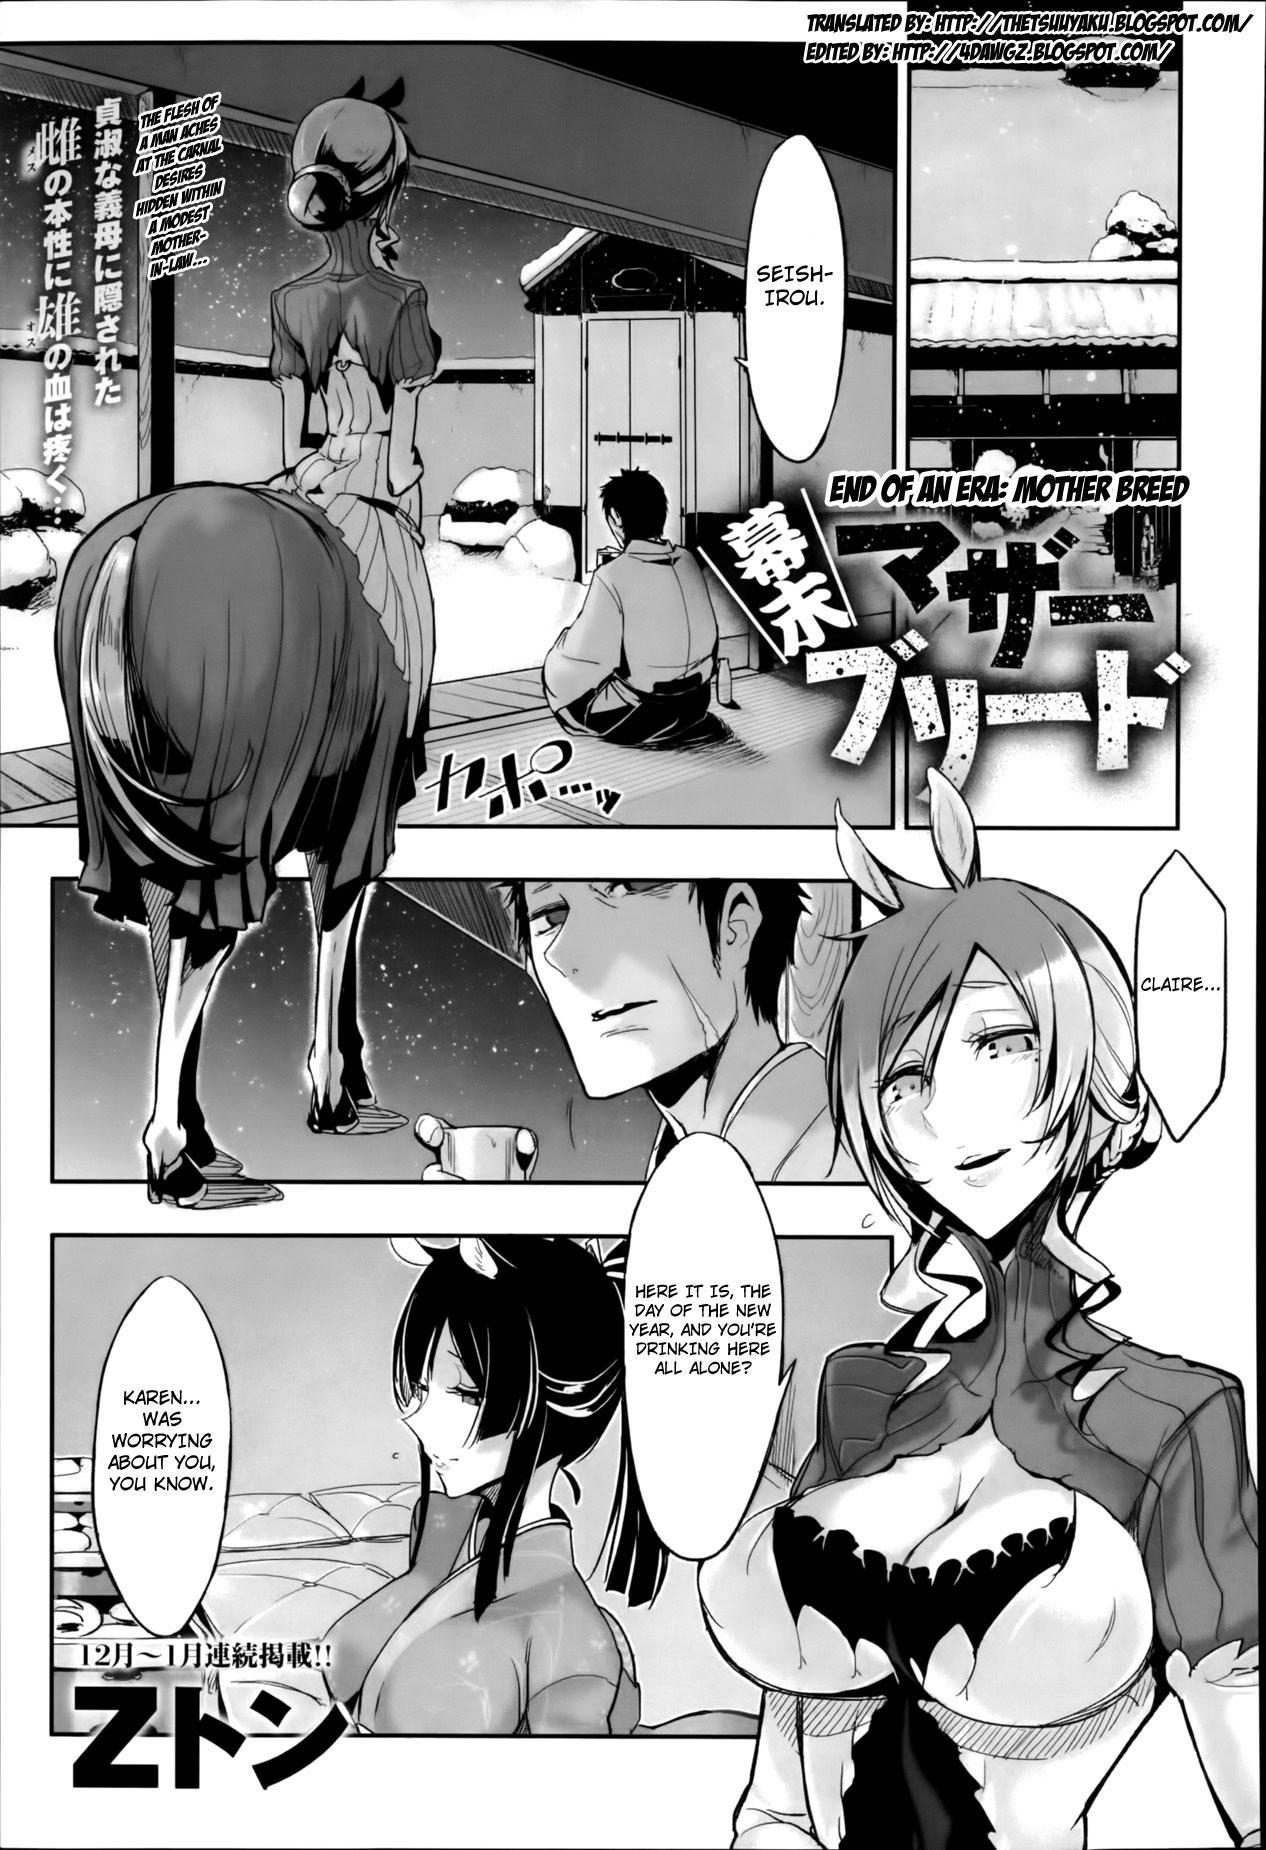 Bakumatsu Mother Breed | End of an Era: Mother Breed 0